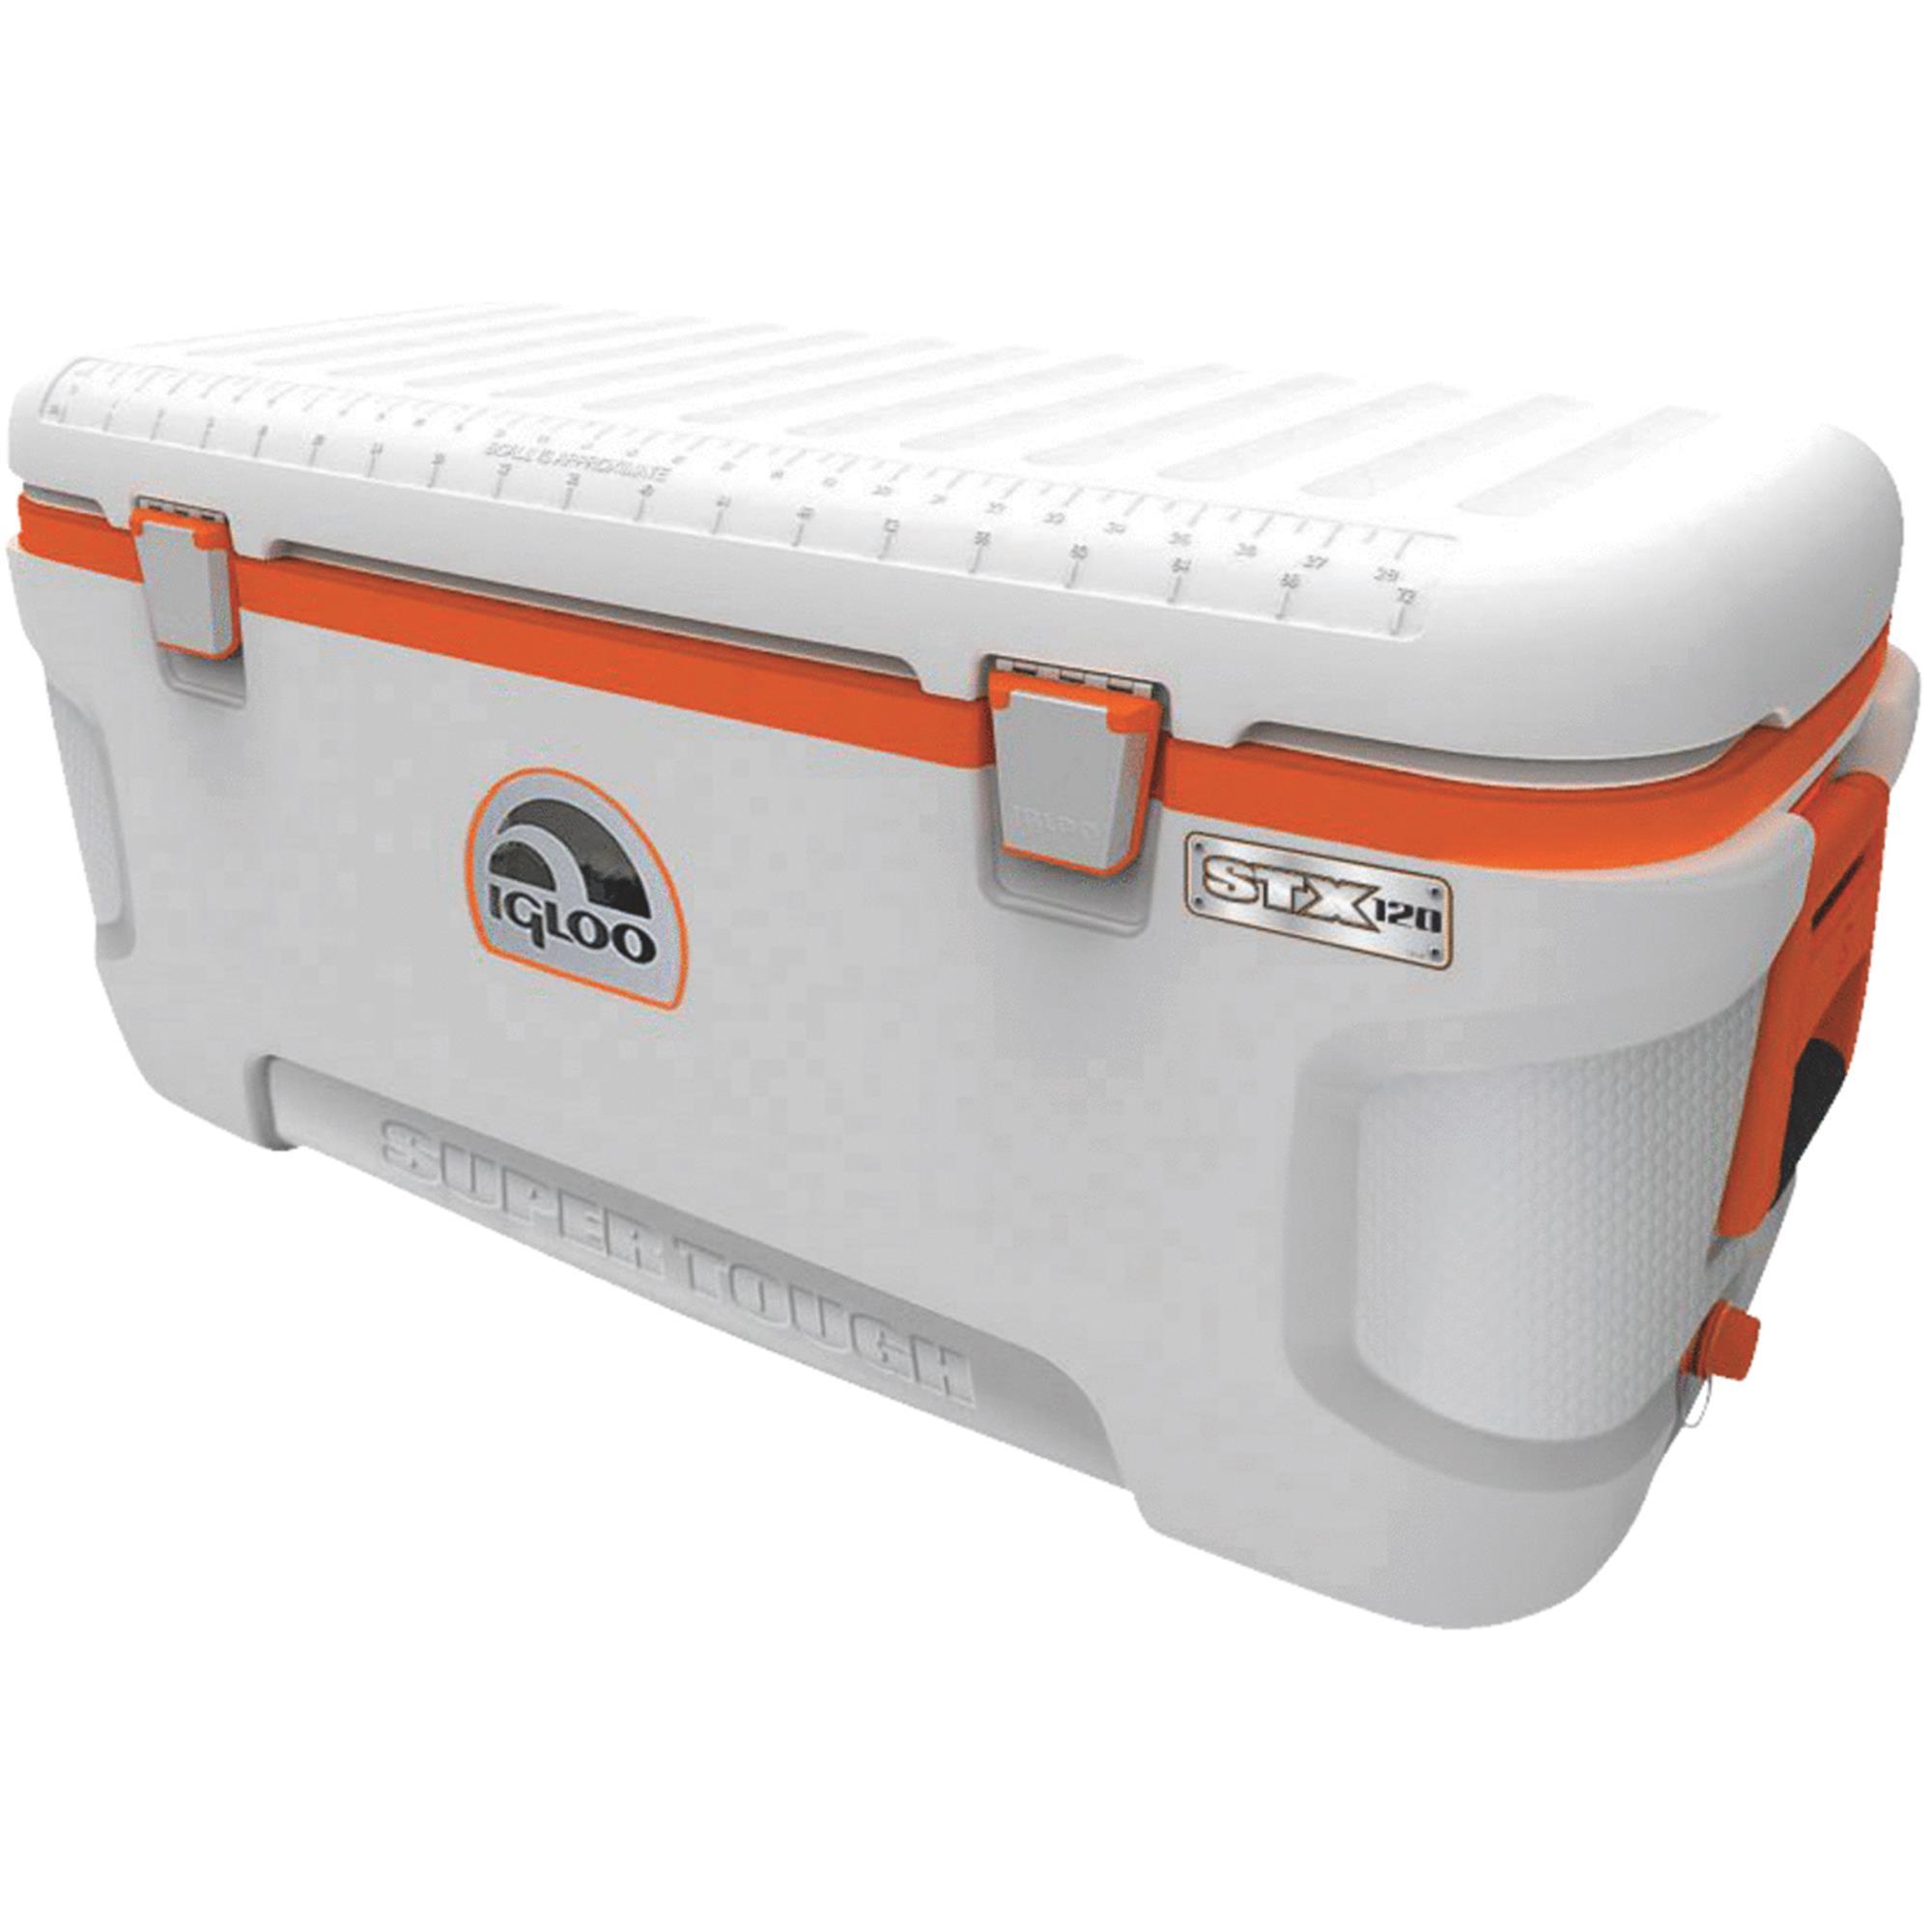 IGLOO 44807 Full Size Chest Cooler,120 qt,Wht/Org